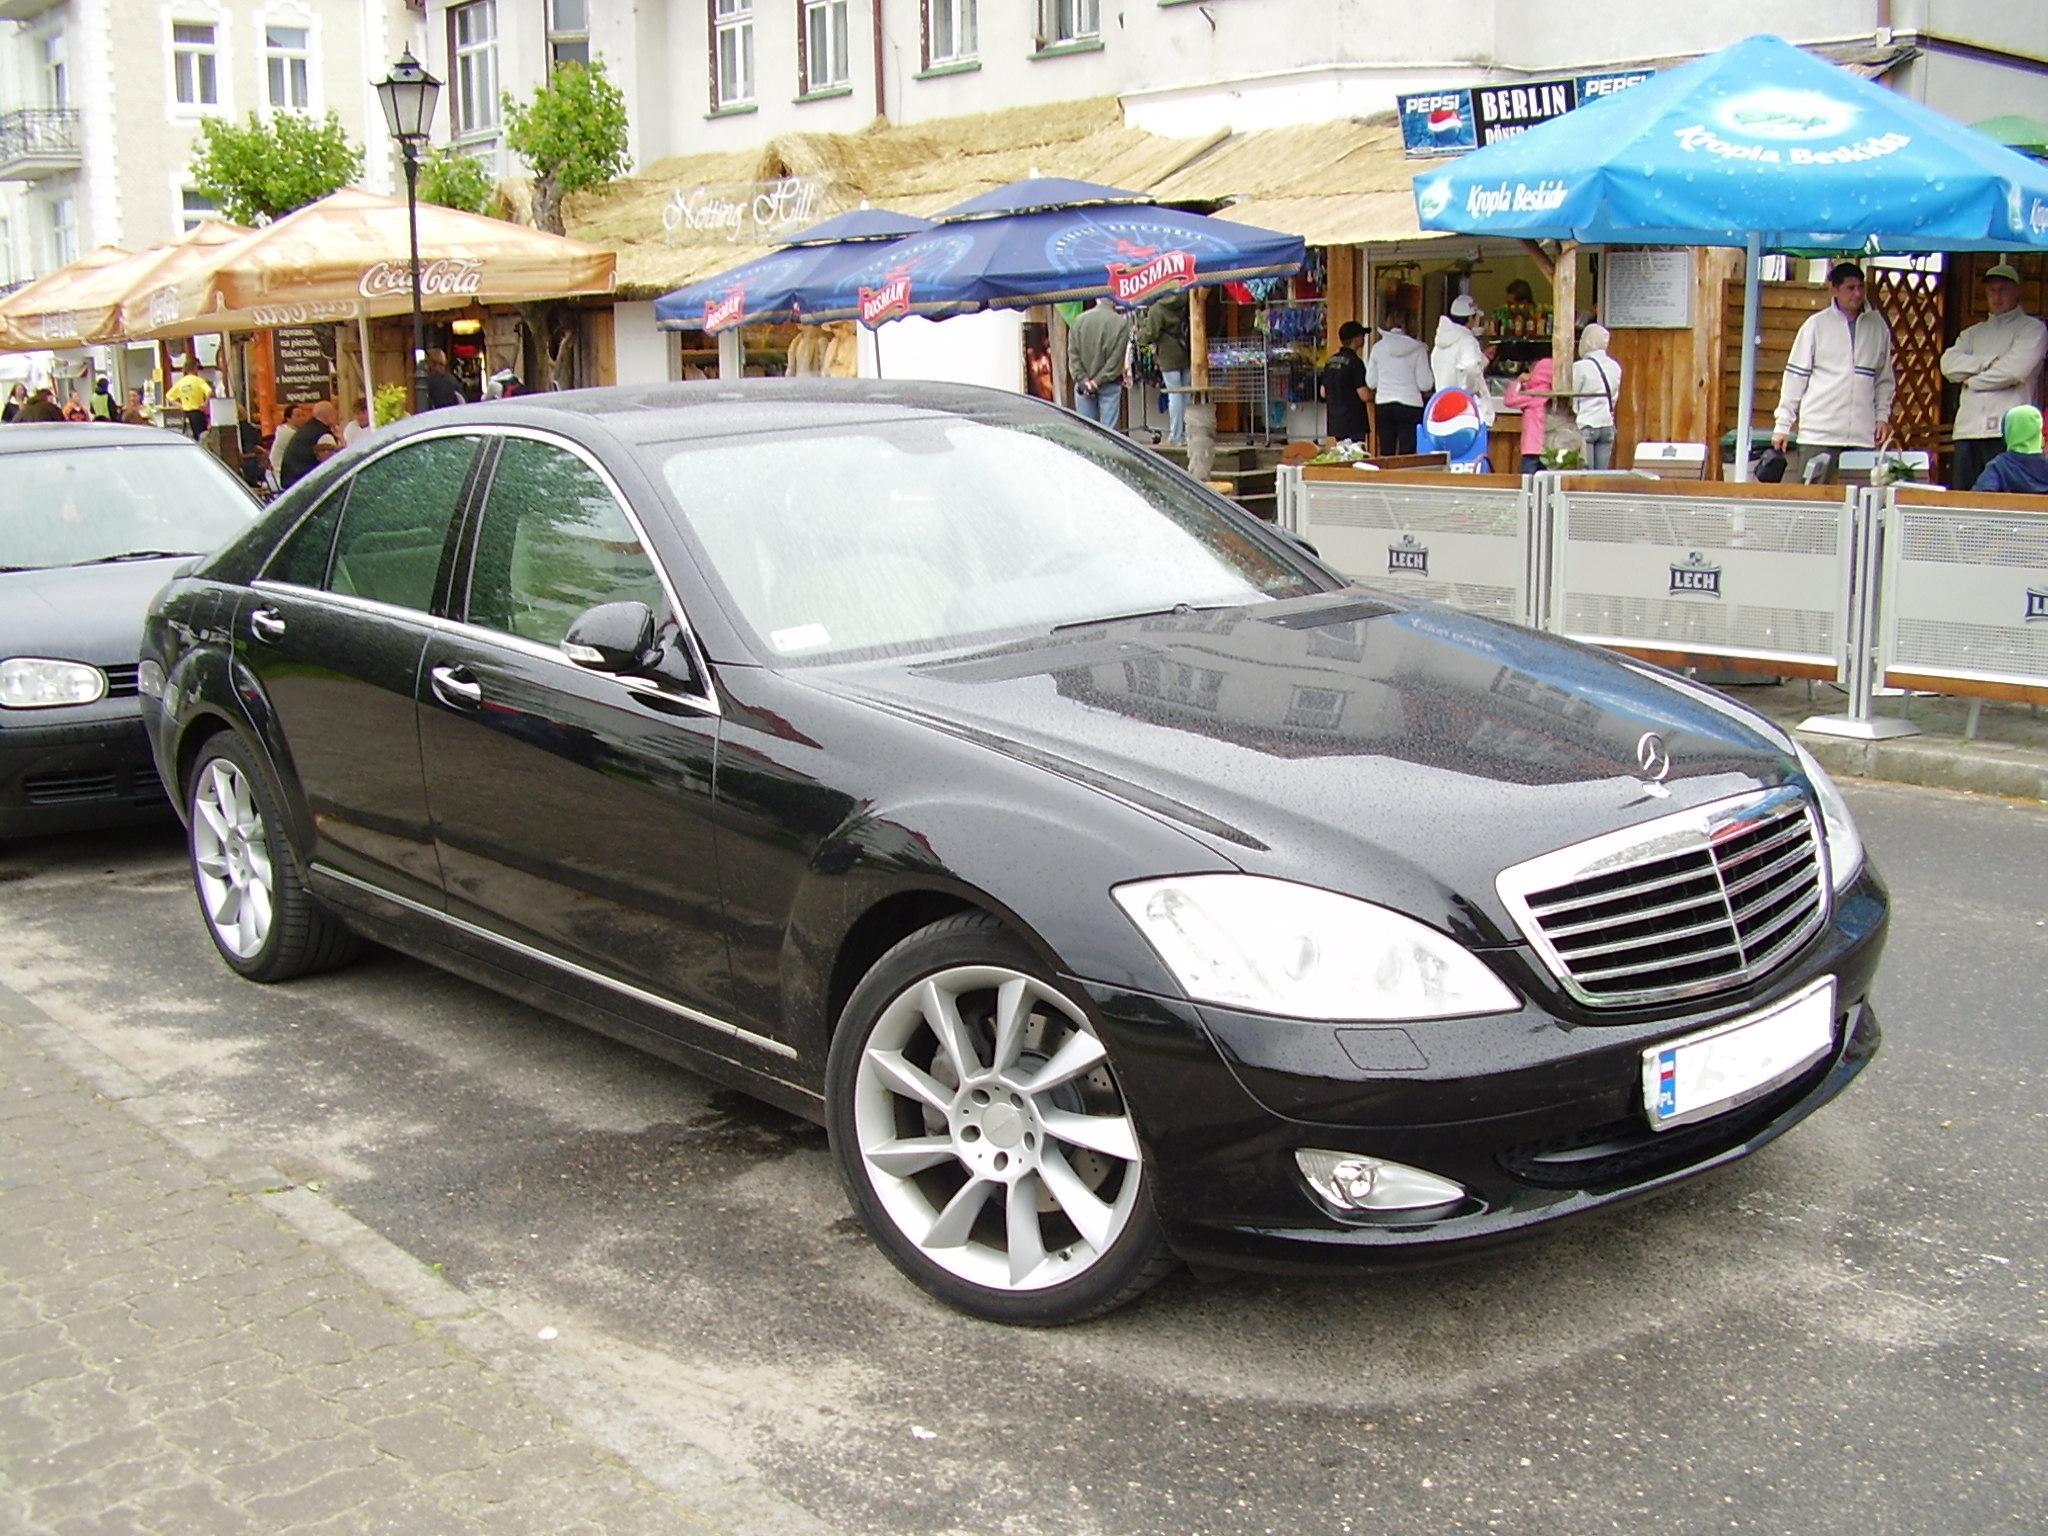 Mercedes Benz >> File:Mercedes W221 Międzyzdroje1.JPG - Wikimedia Commons